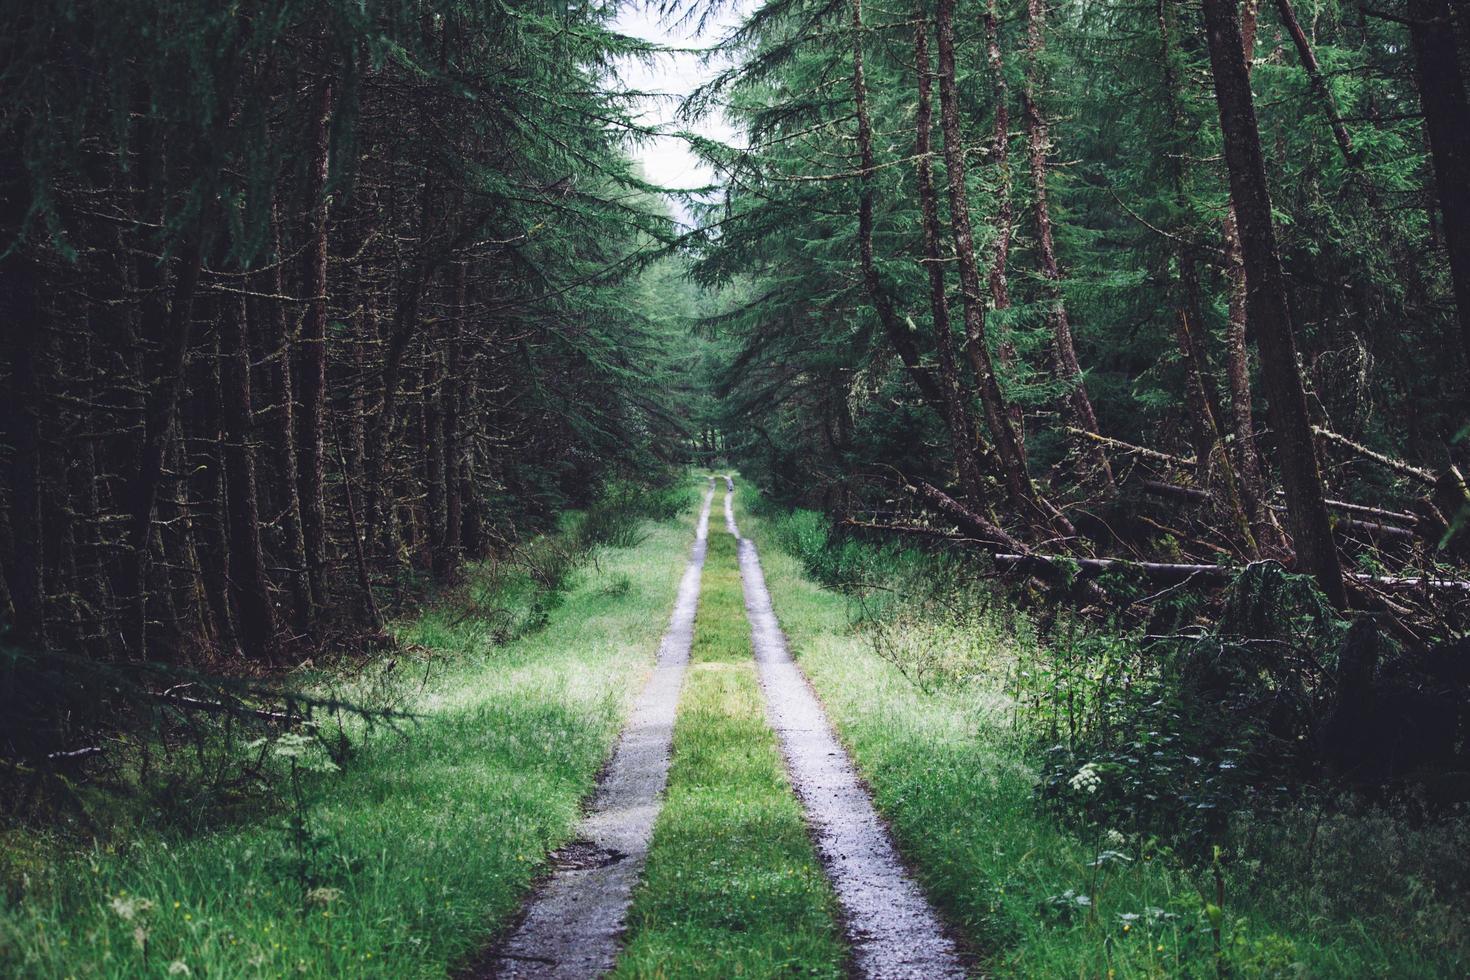 camino de hierba entre árboles forestales foto